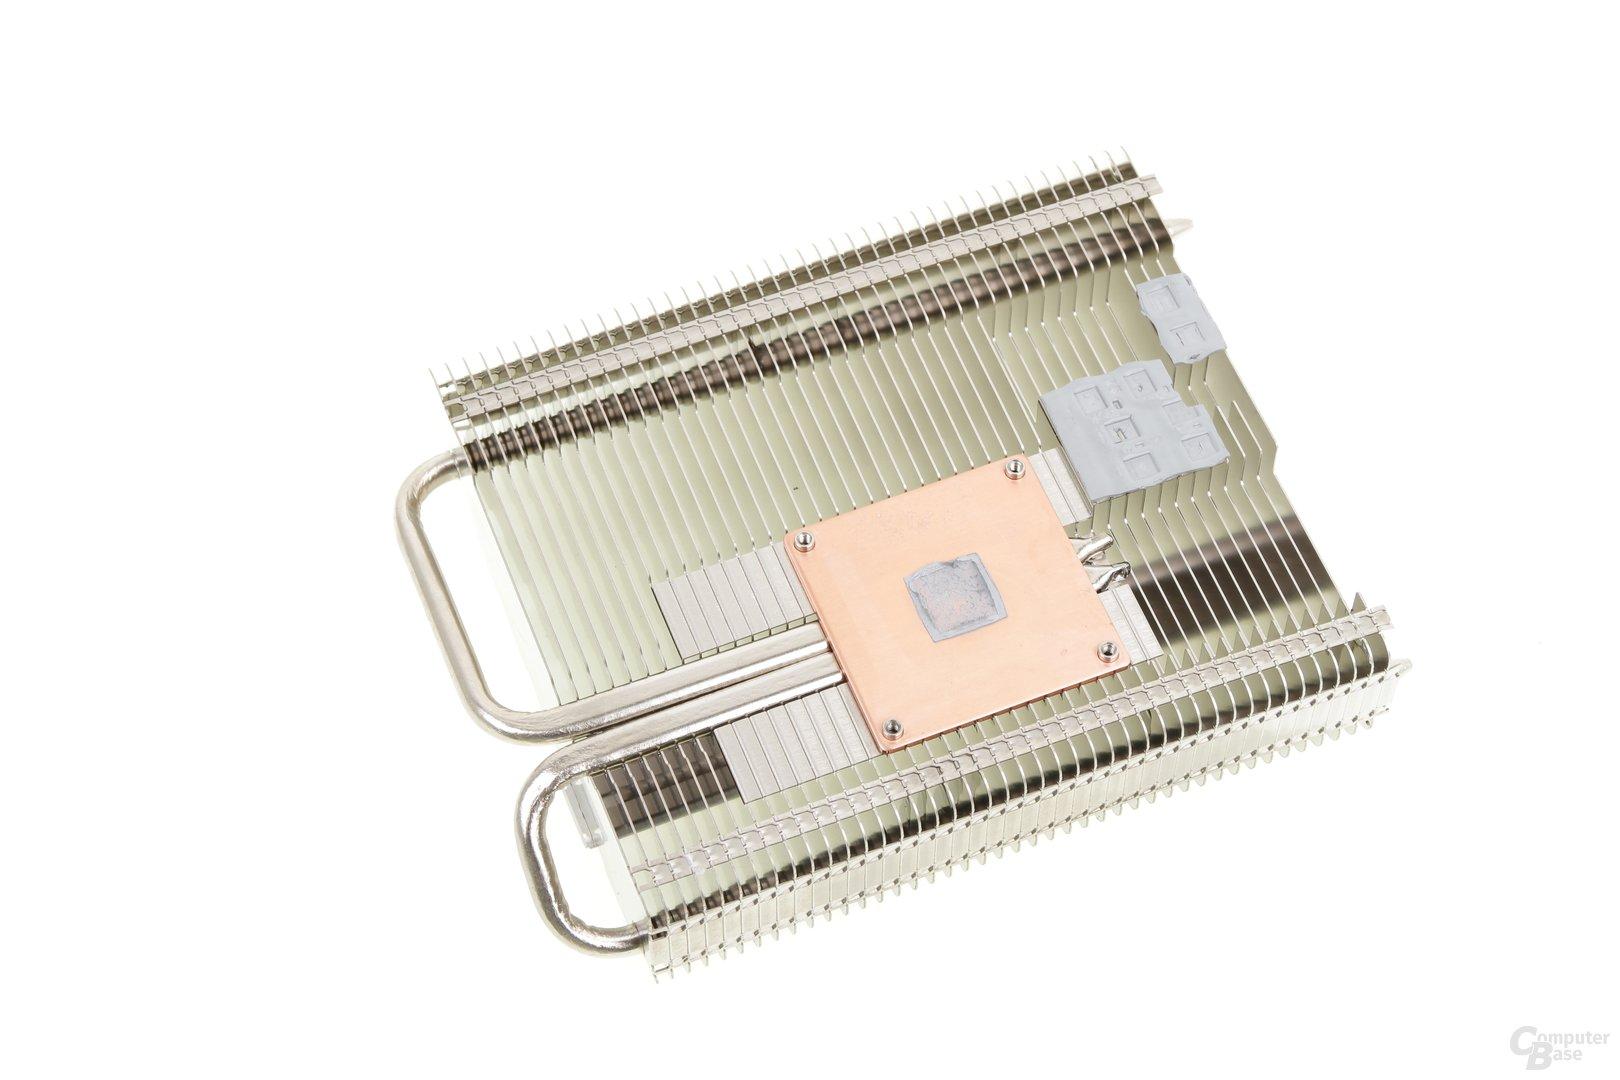 Palit GeForce GTX 750 Ti KalmX - Kühlerrückseite